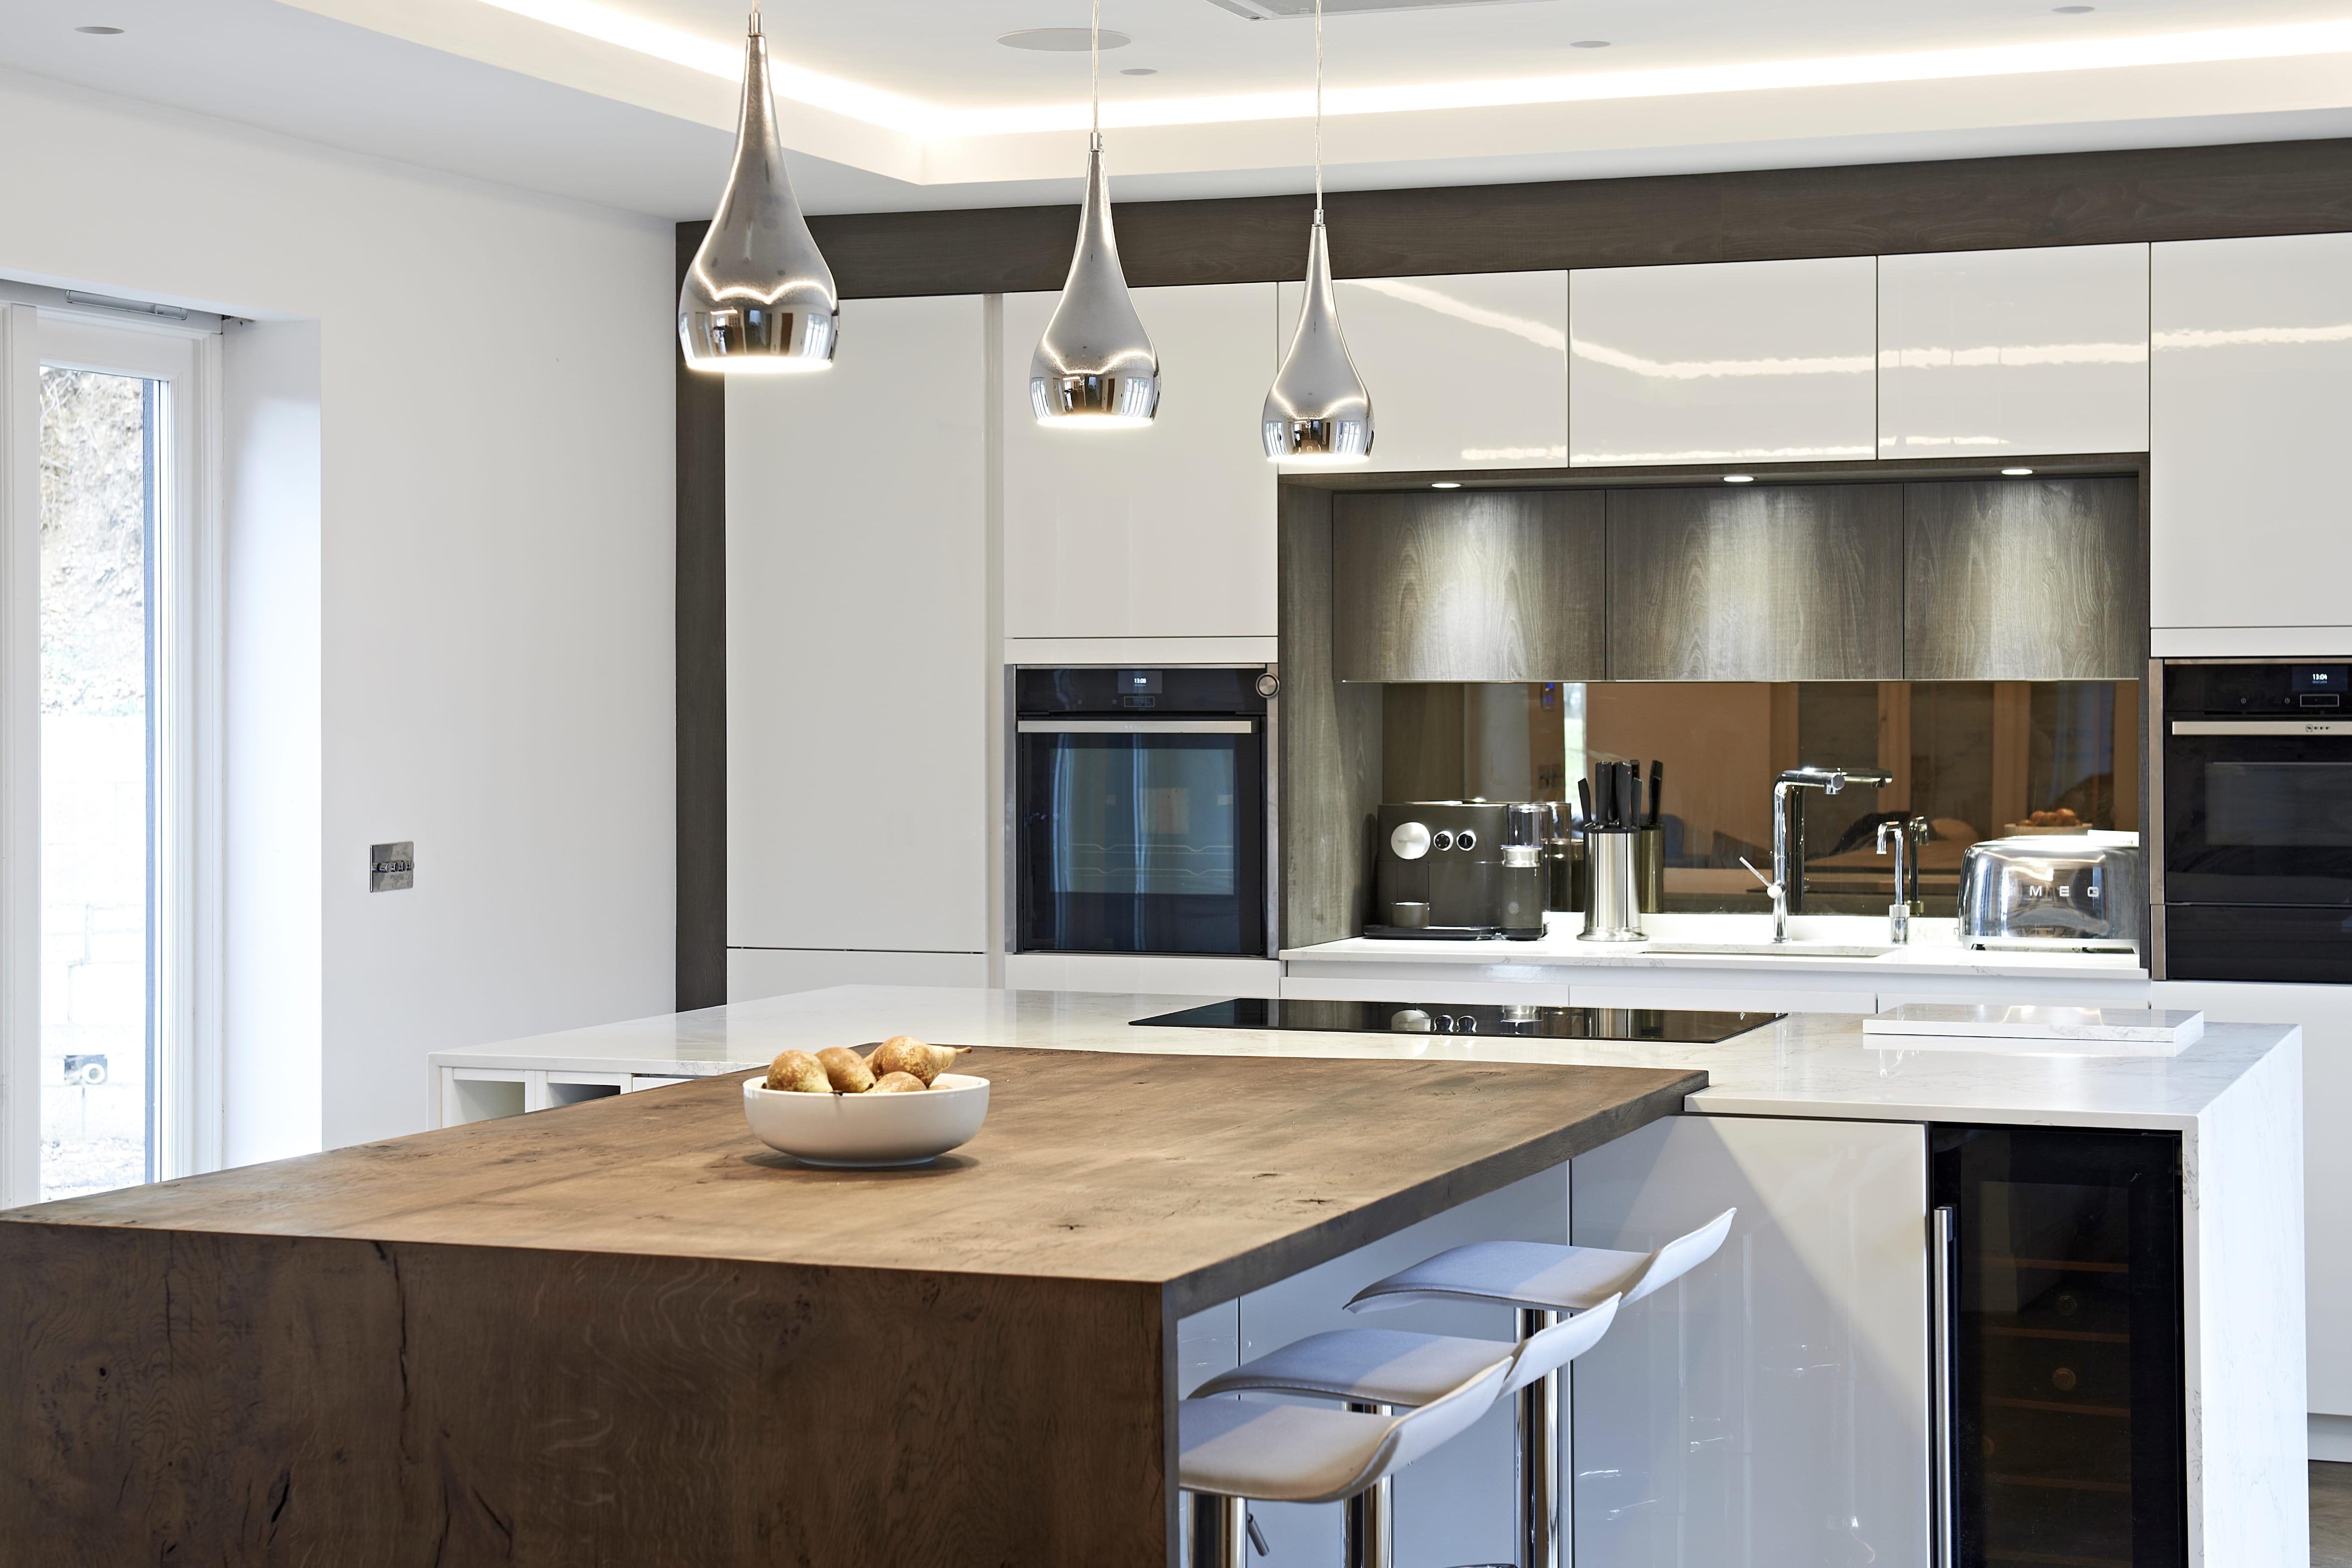 https://www.designer-kitchens.co.uk/wp-content/uploads/2019/10/Windrush-5.jpg